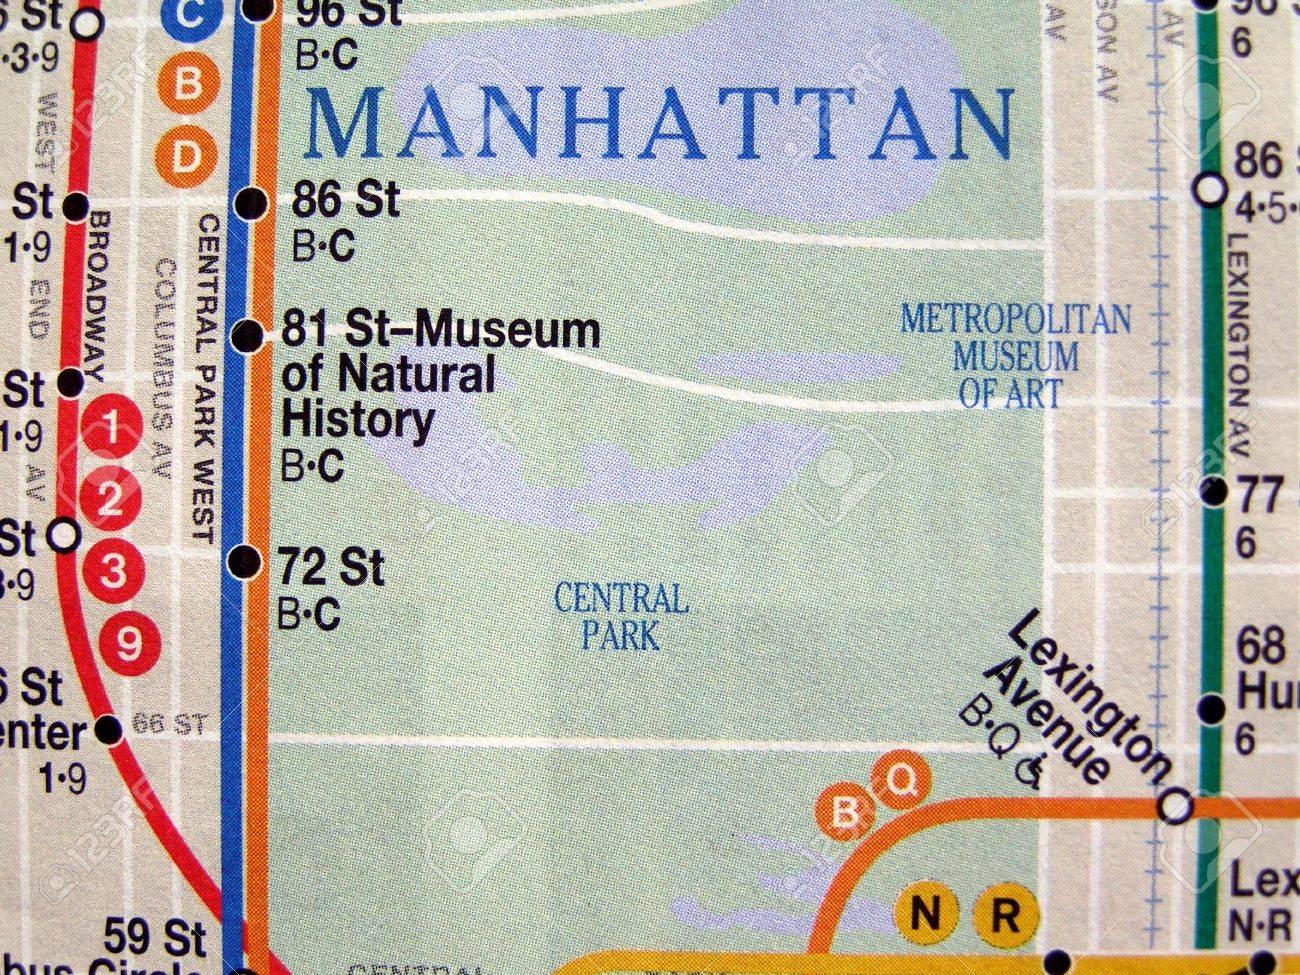 La Carte Du Metro De New York Sous Reseau De Metro Tube Banque D Images Et Photos Libres De Droits Image 3386151